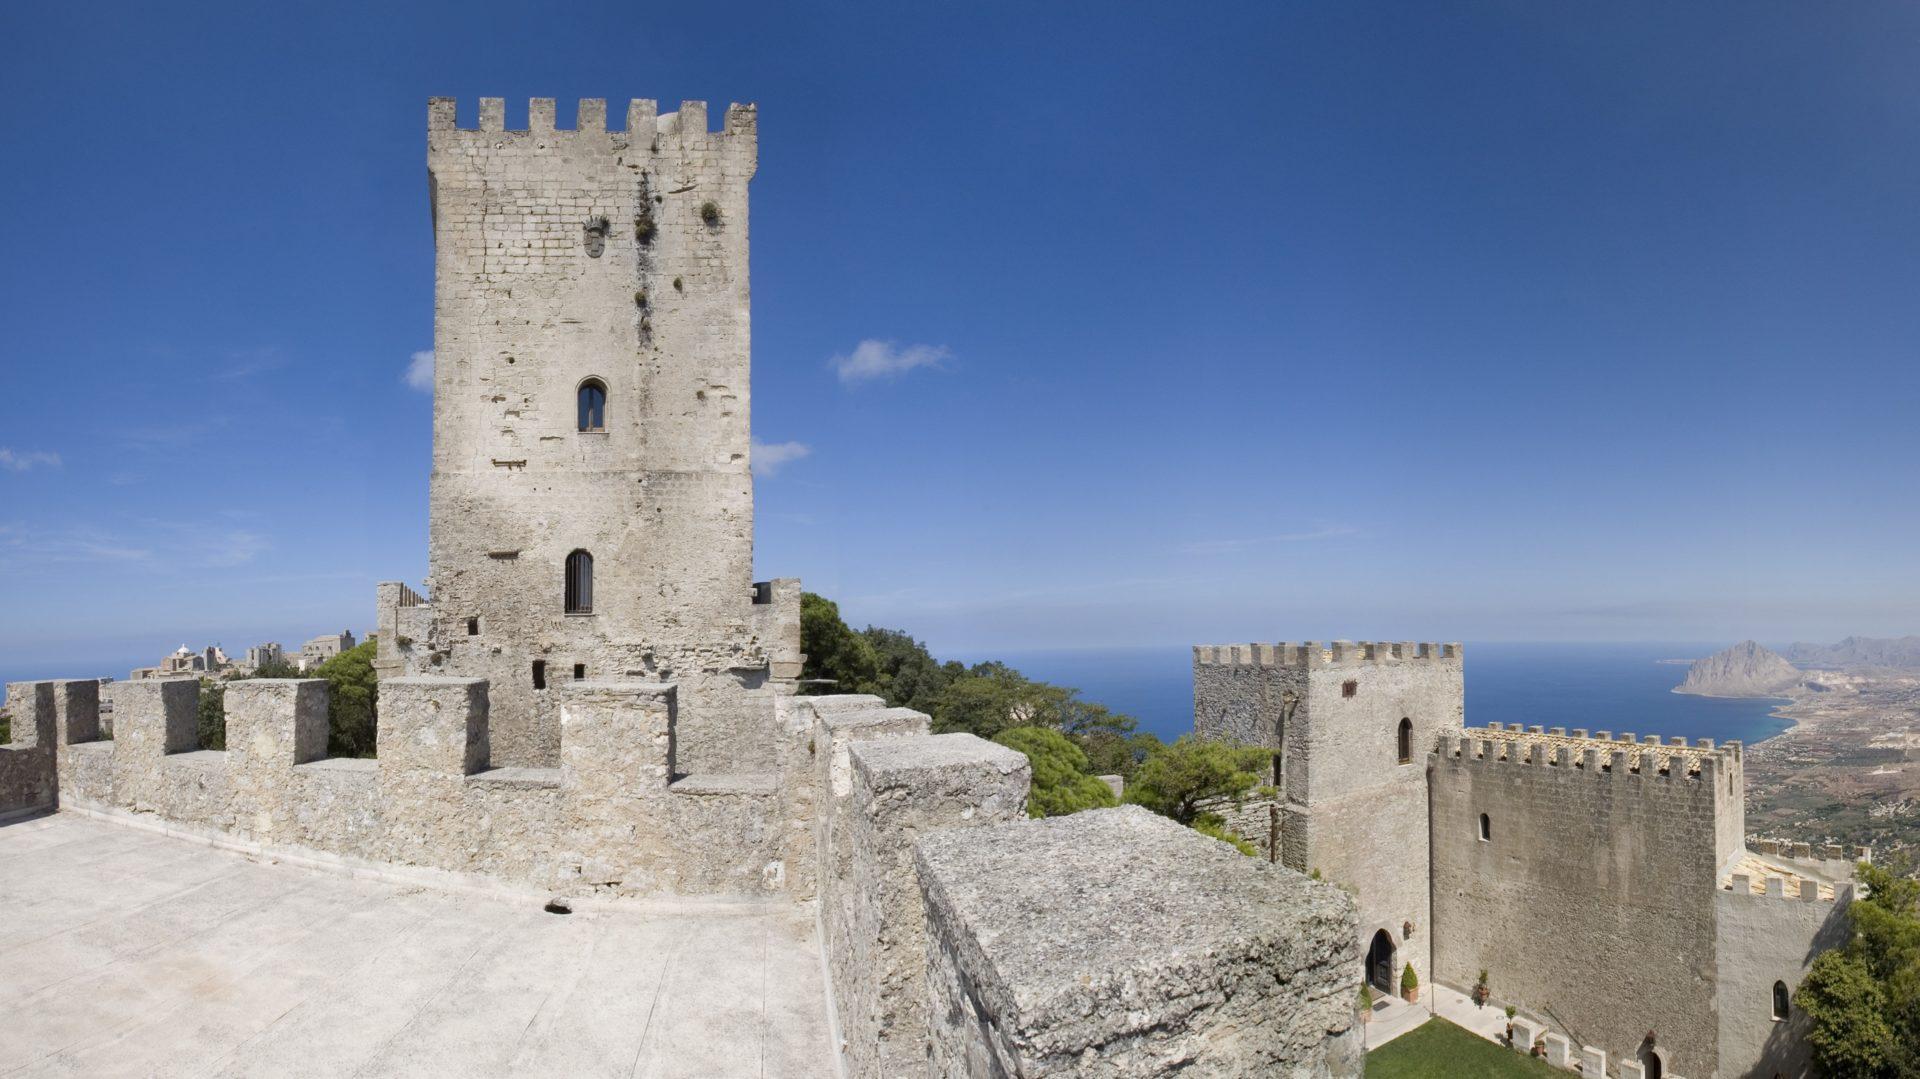 Novità: Sicilia Bedda in tour!